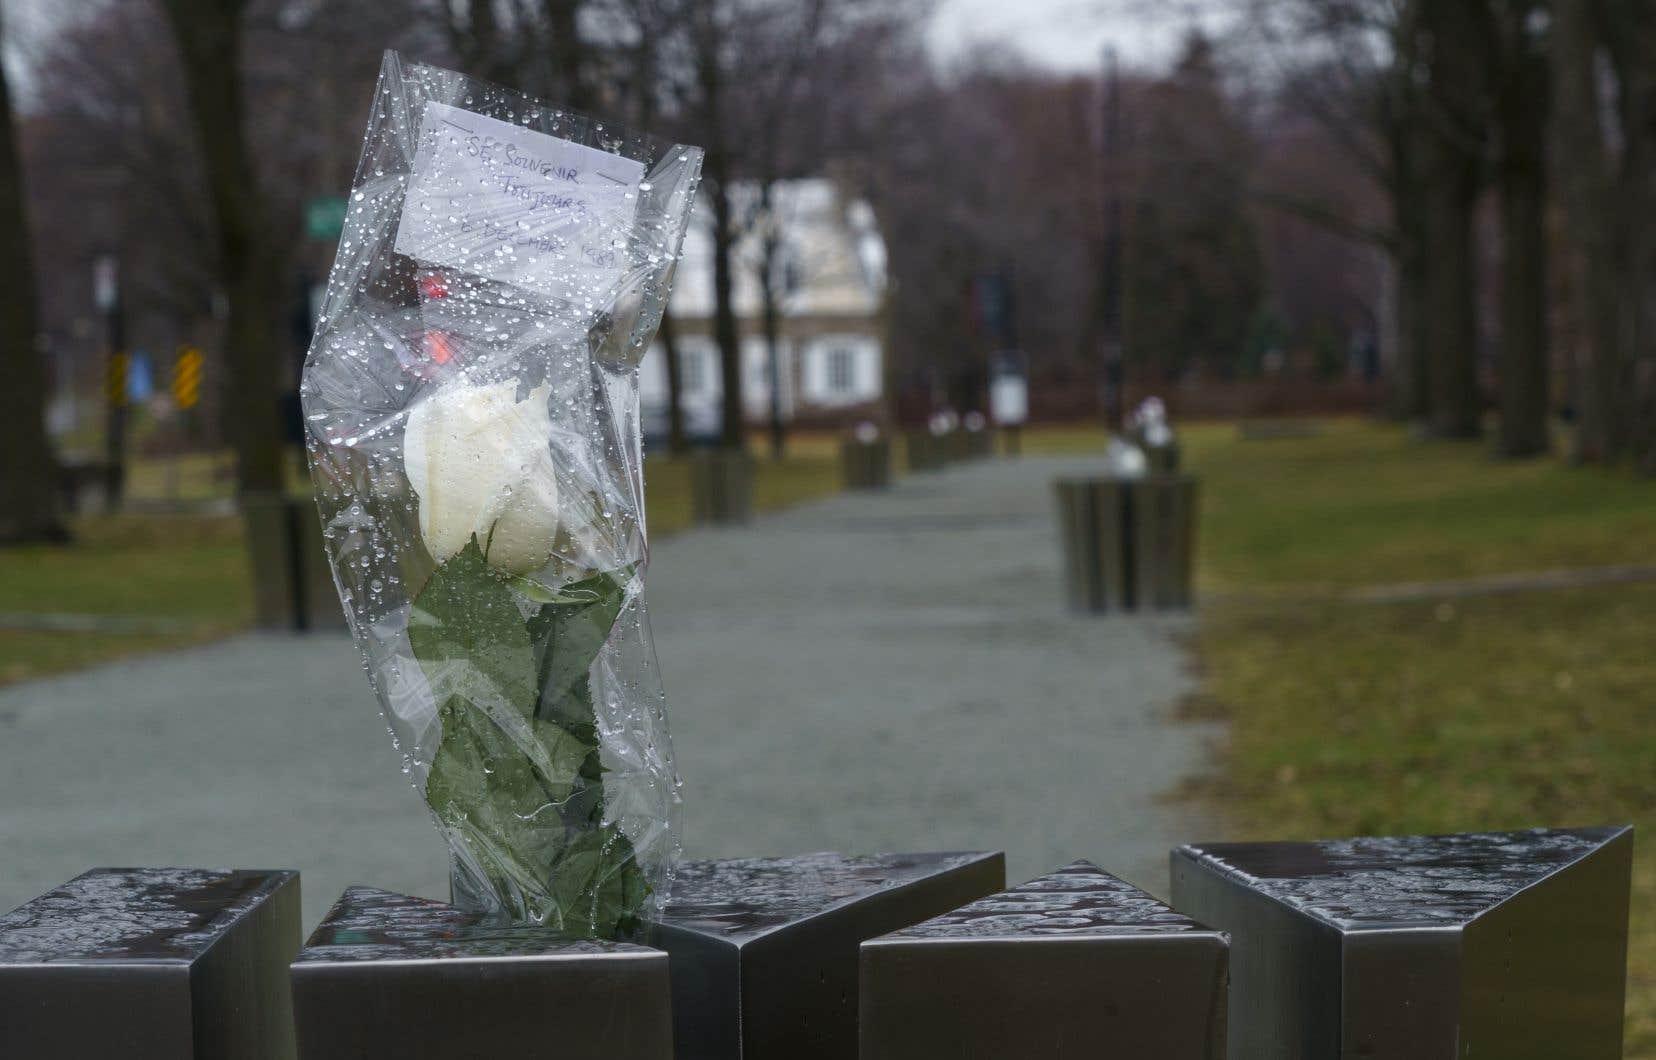 Les habituelles commémorations de la tuerie de Polytechnique, survenue le 6 décembre 1989, se tiendront sans foule cette année ou en ligne.